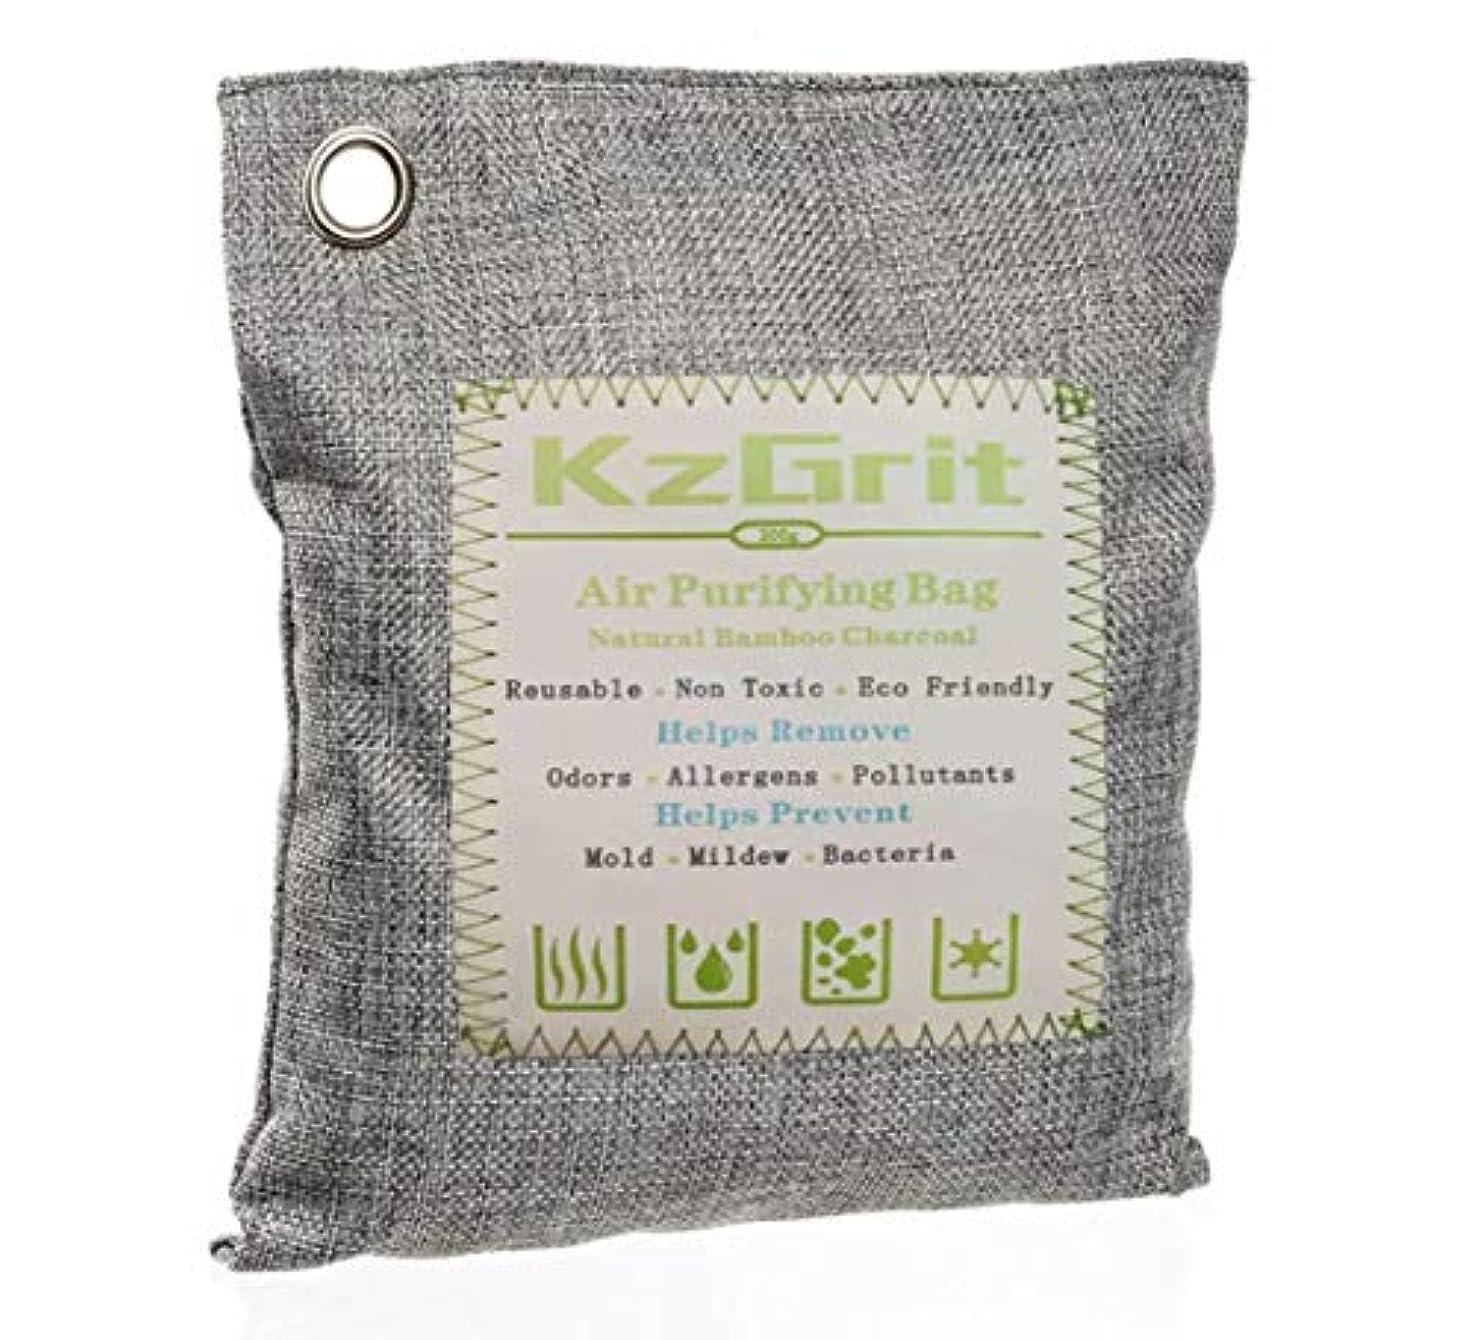 プレミア縫う船KzGrit 竹炭バッグ 消臭 除湿 200g 脱臭剤 空気清浄 無毒 無香料 繰り返し使用可能 環境にやさしい 車内、ペットエリア、部屋、クローゼット、梅雨など湿気の多い季節などで使用可能(グレー)